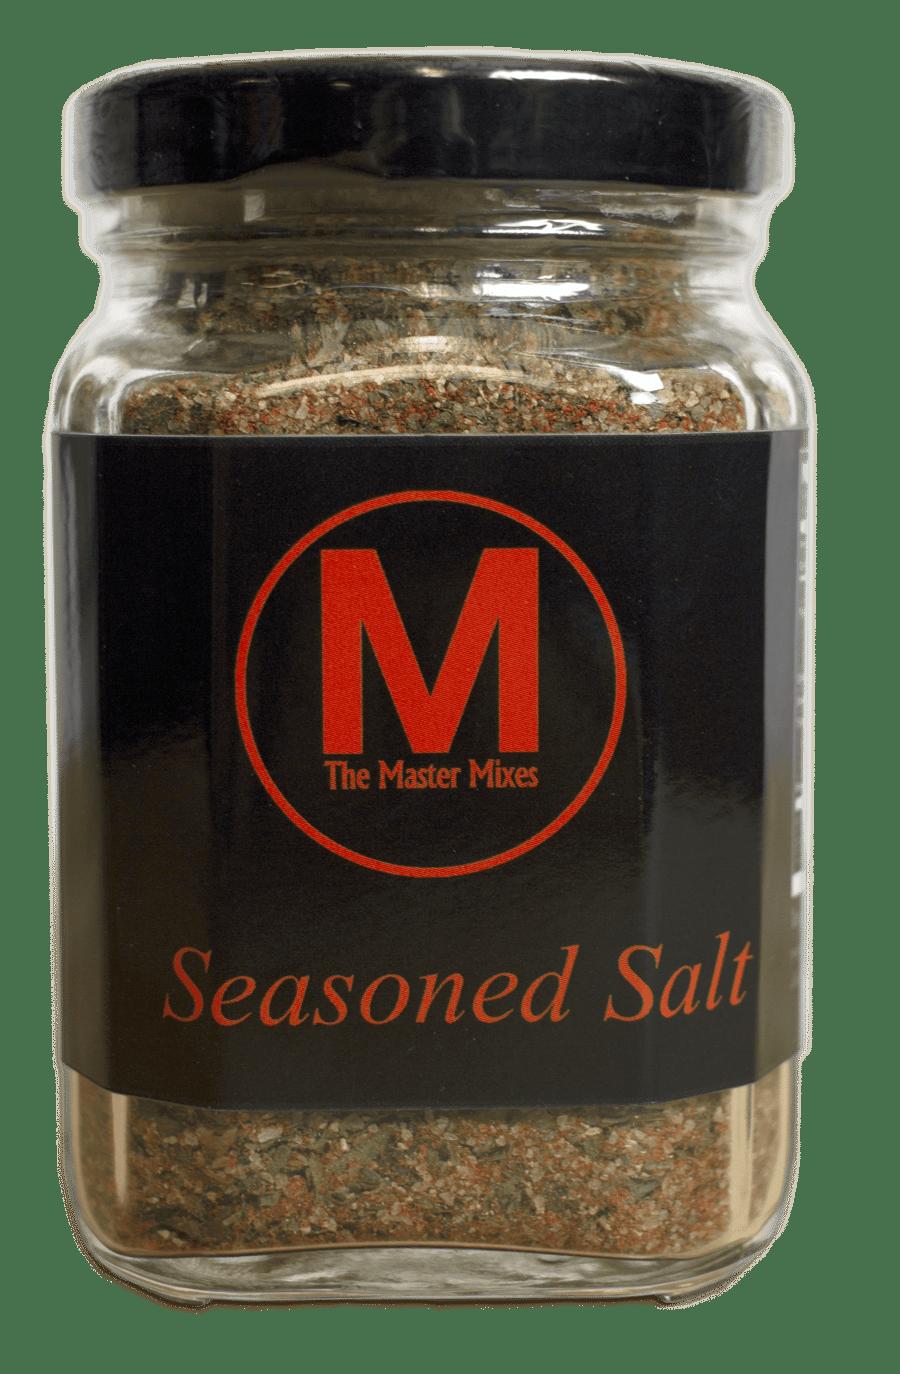 Image of Seasoned Salt